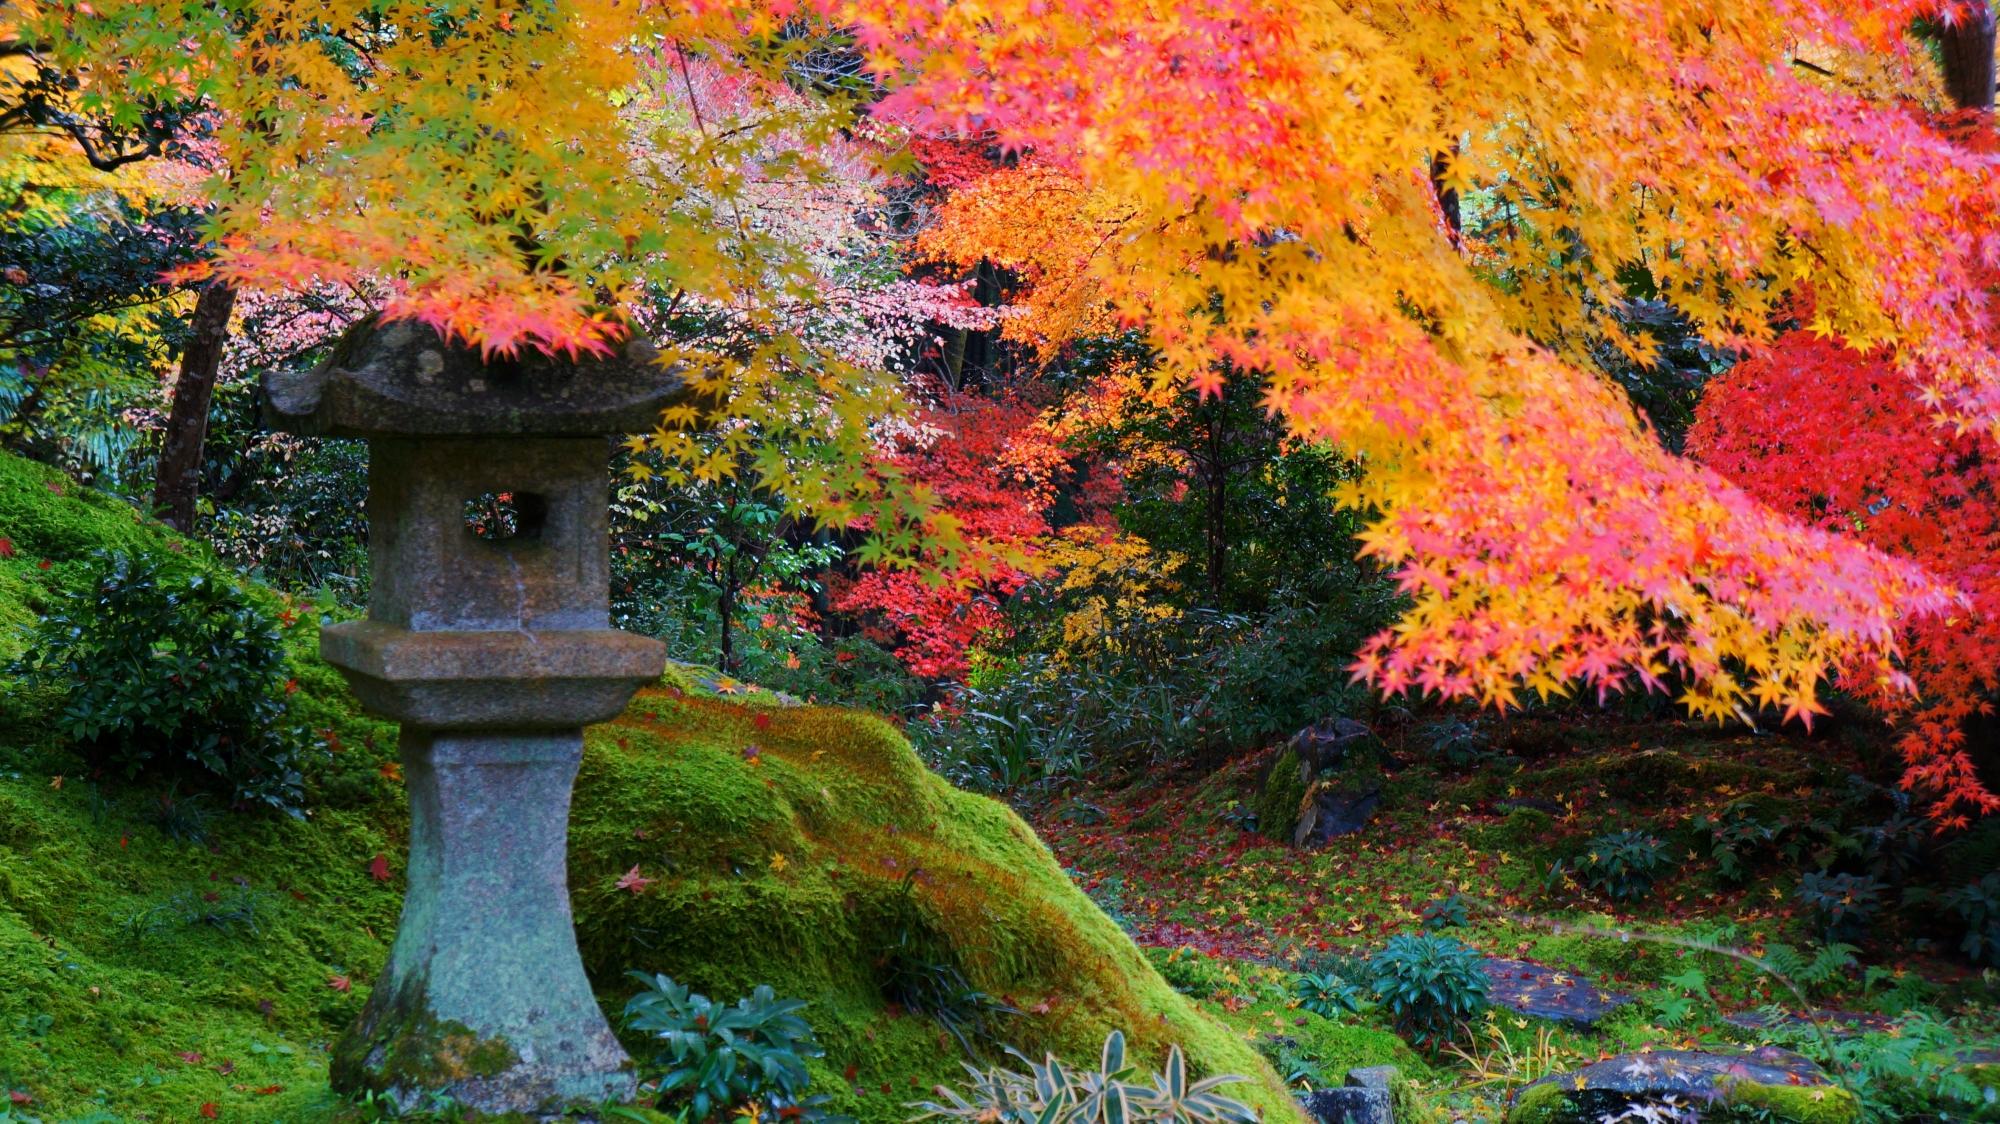 臥龍の庭の燈籠と鮮やかな紅葉